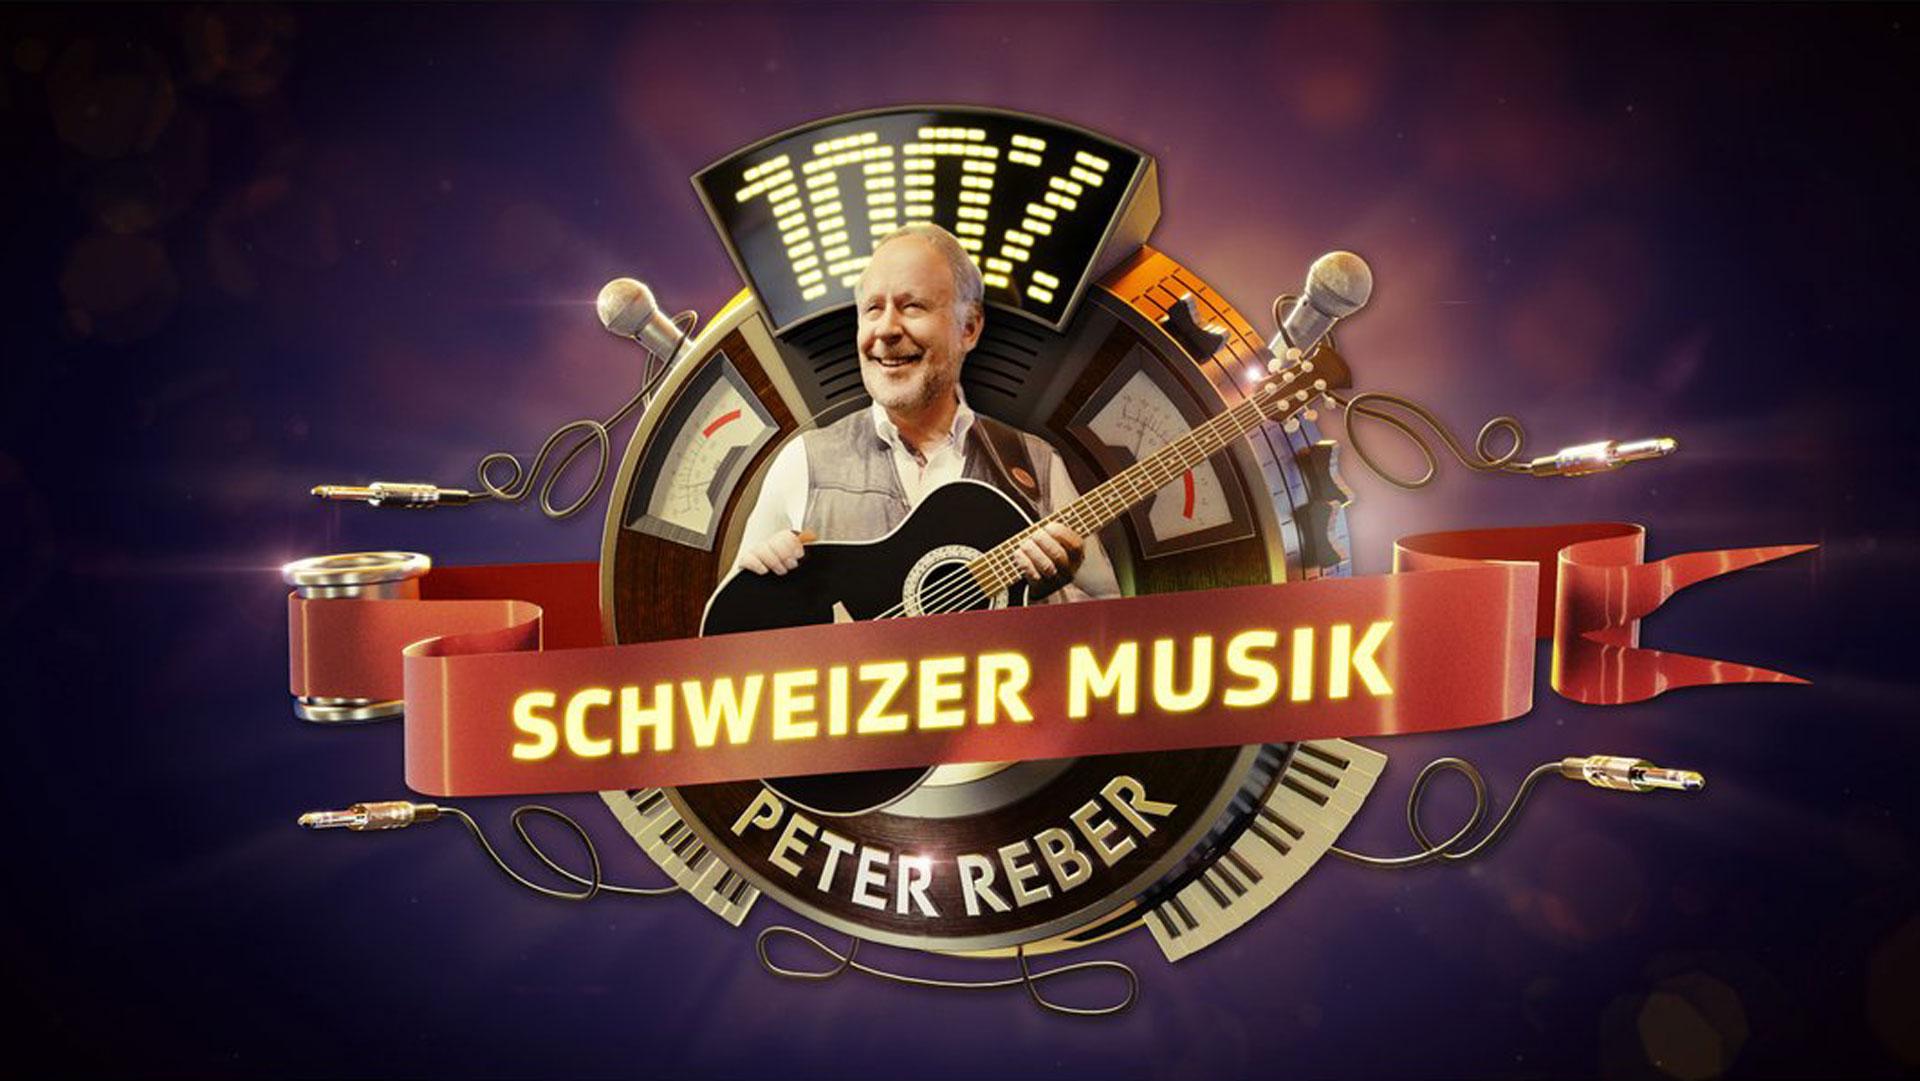 100schweizermusik_peterreber